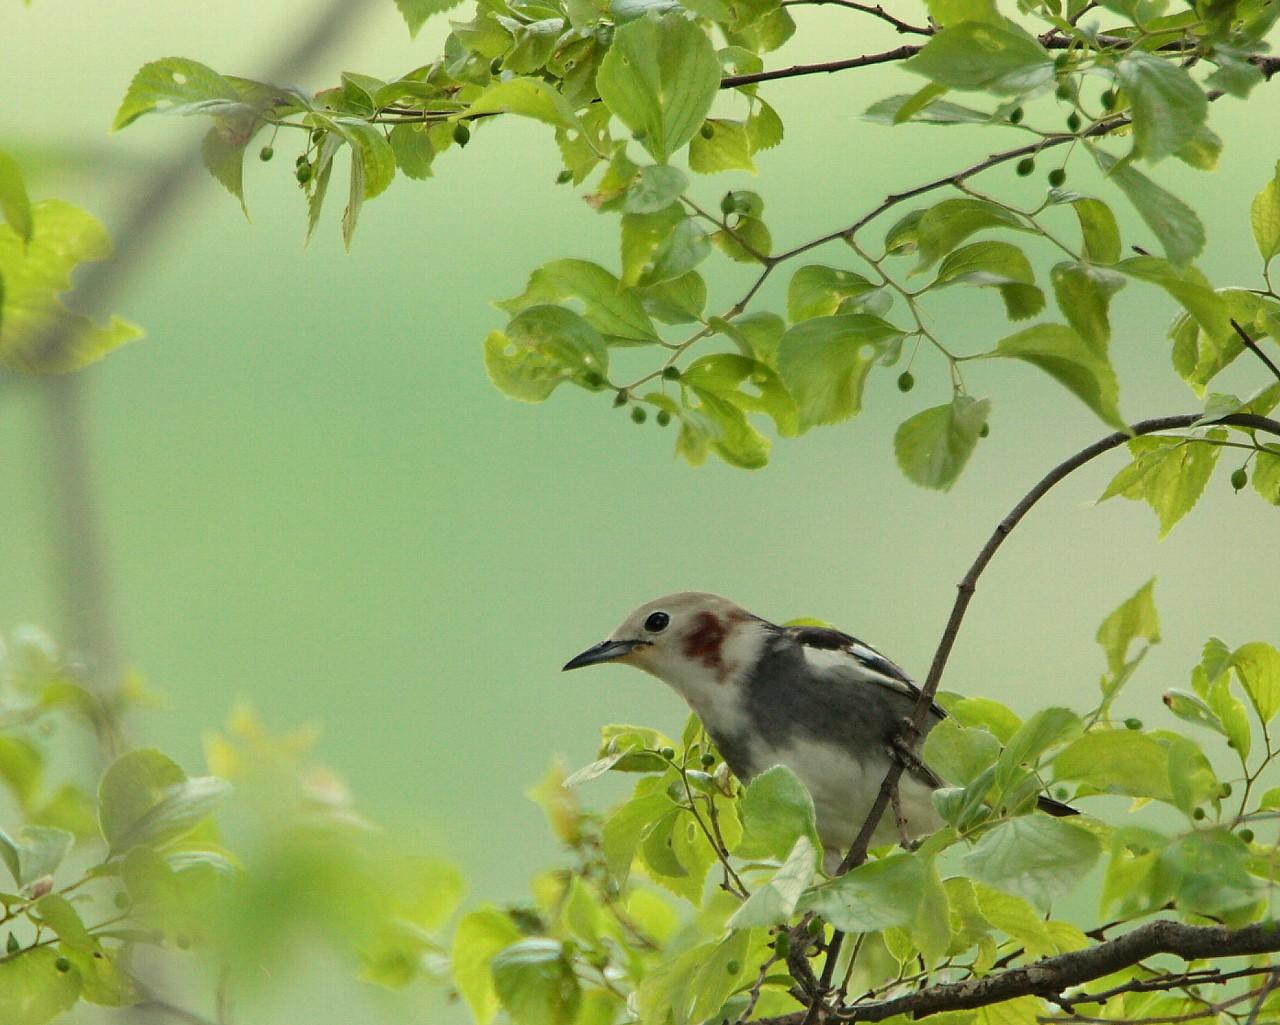 野鳥の雛たちが巣立ちの季節を迎えています。_f0105570_2224510.jpg